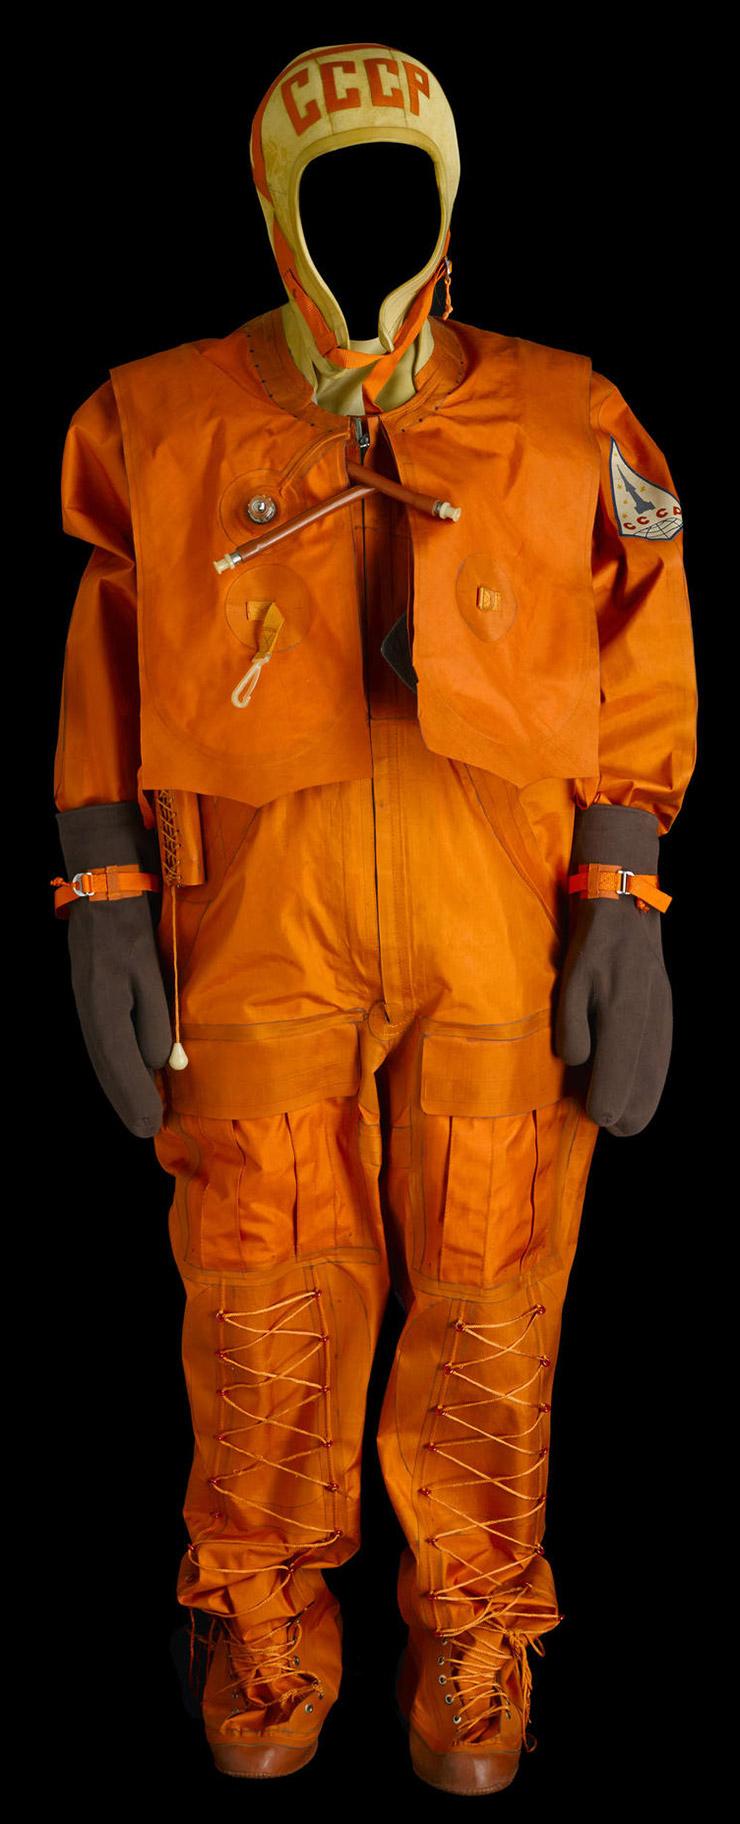 SOVIET SPACESUIT :: The Space History Sale - Bonhams